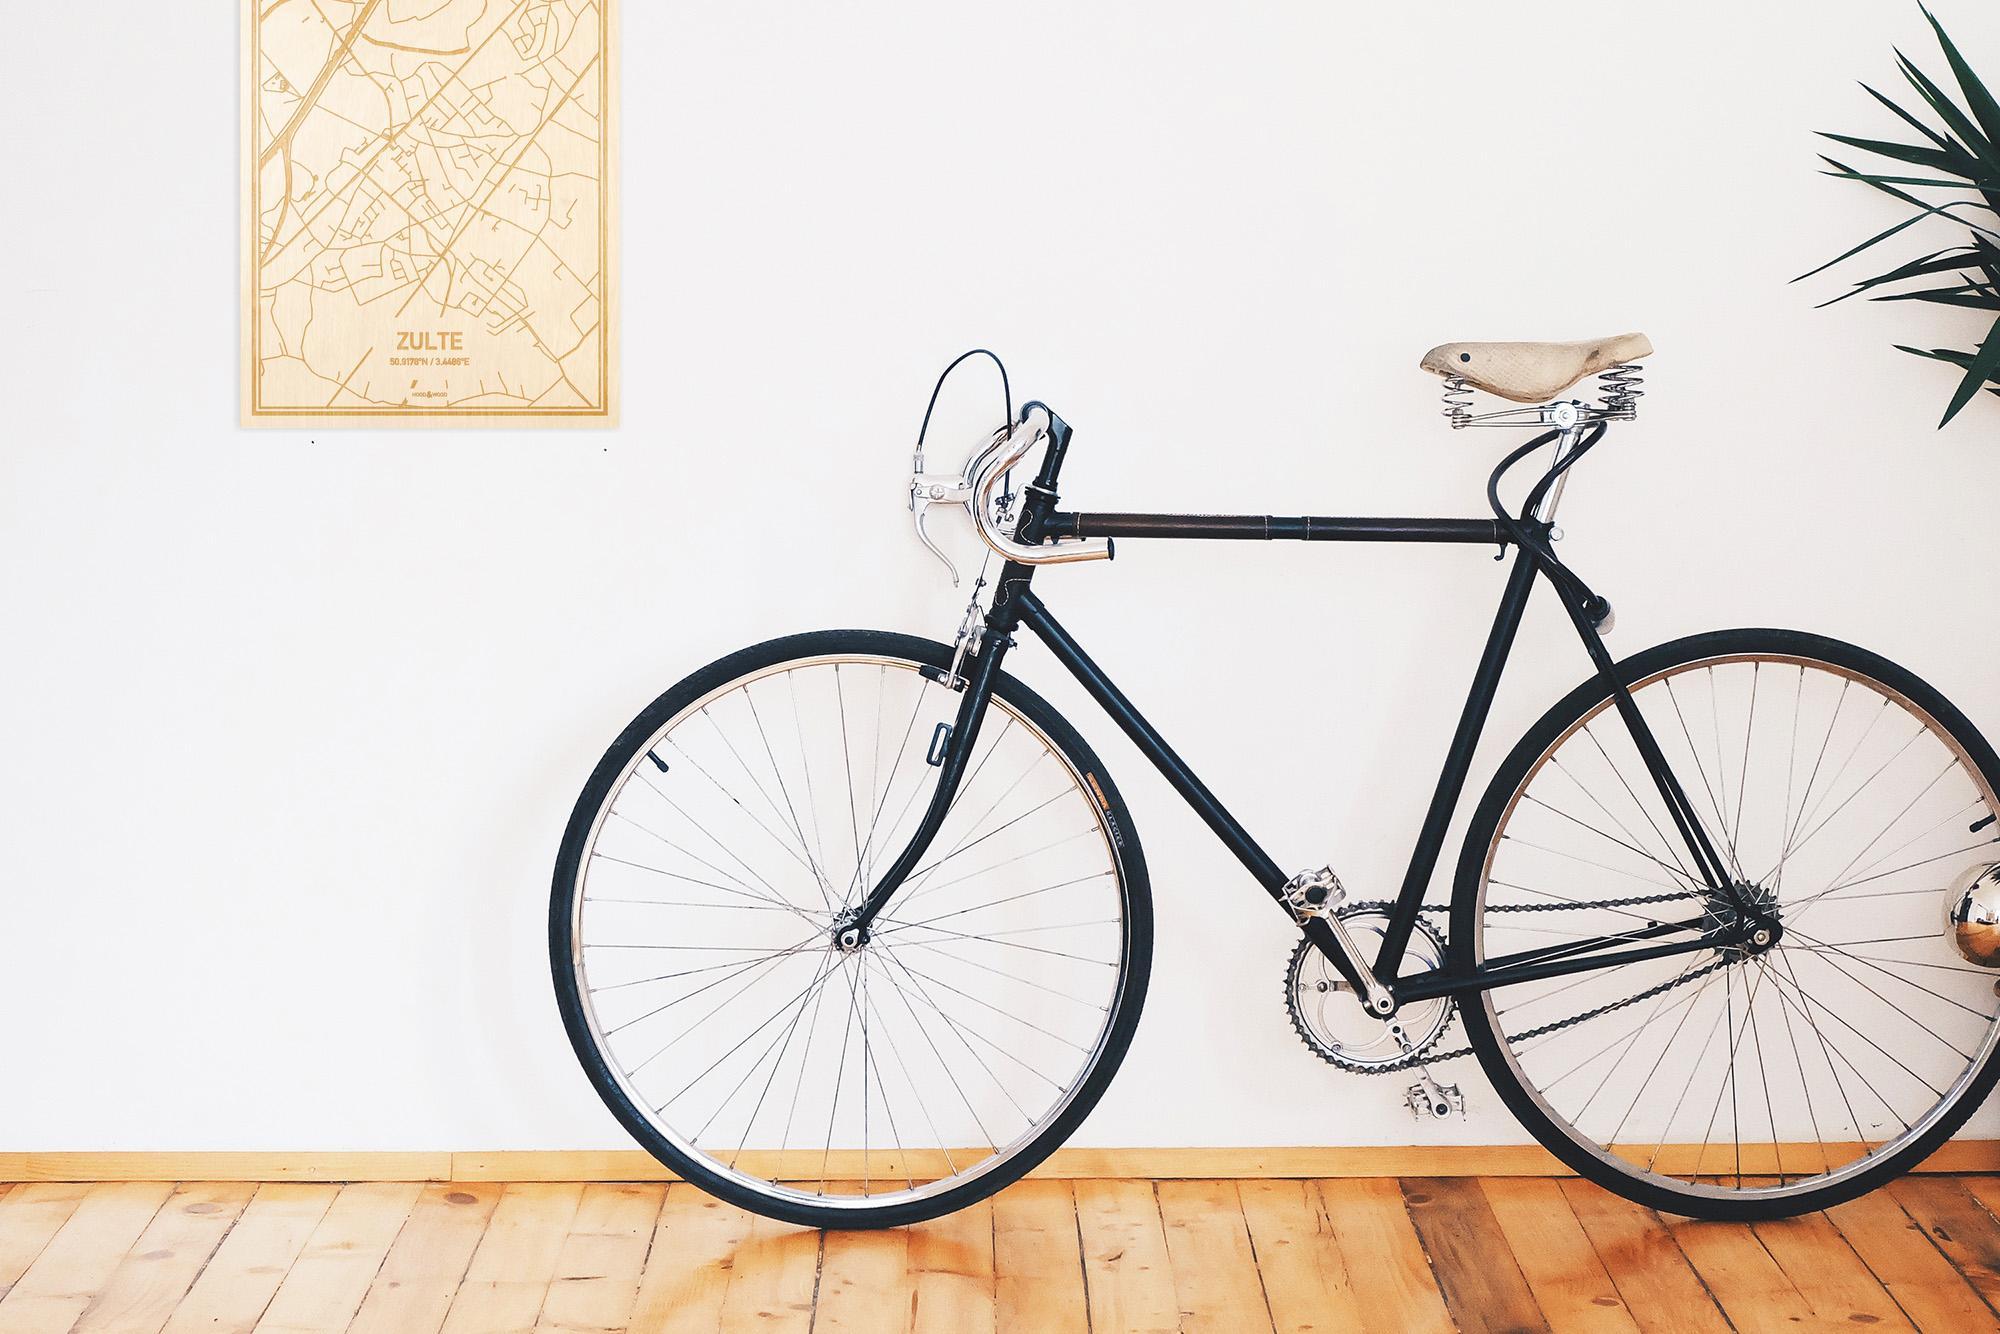 Een snelle fiets in een uniek interieur in Oost-Vlaanderen  met mooie decoratie zoals de plattegrond Zulte.